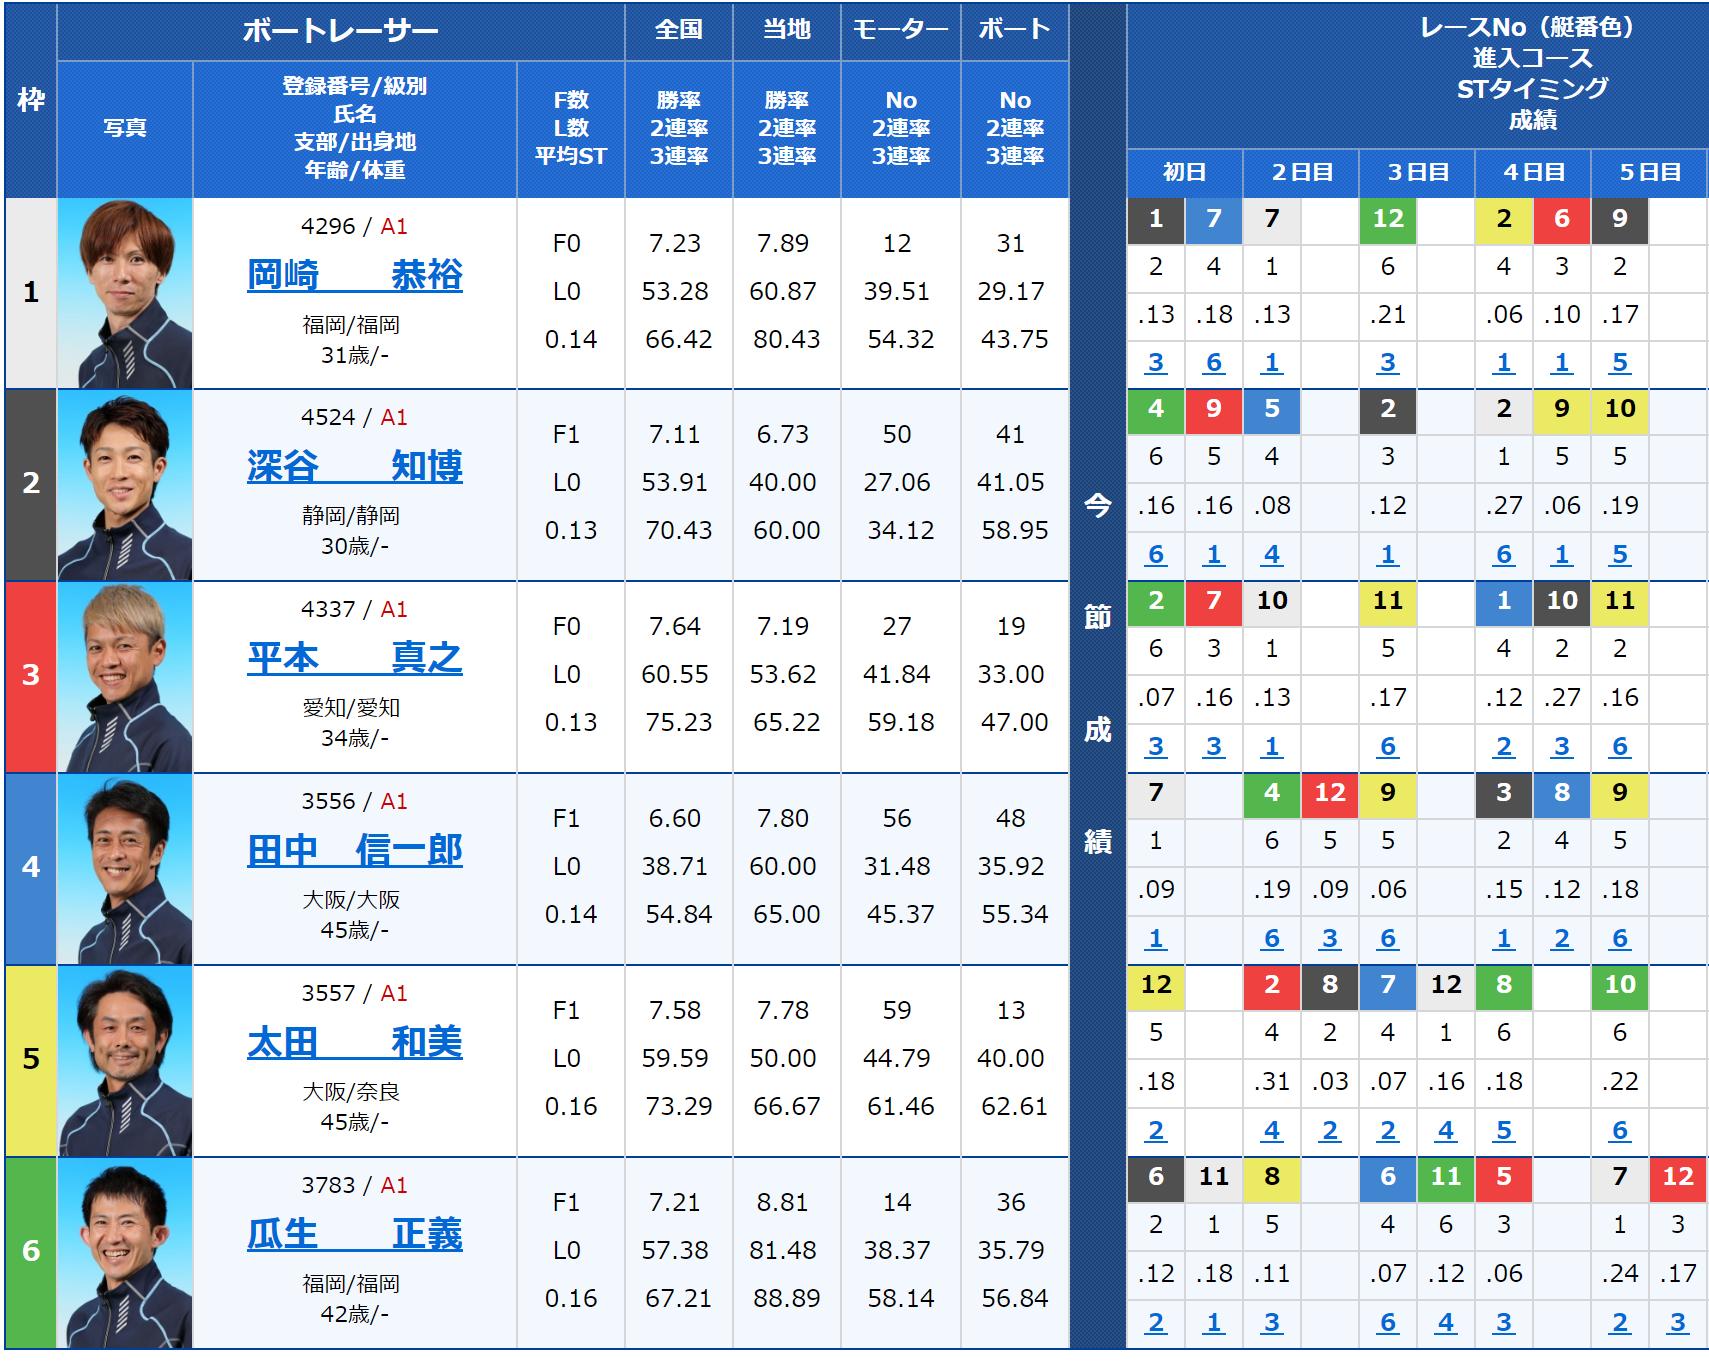 2018年10月28日蒲郡SGボートレースダービー最終日10Rの出走表